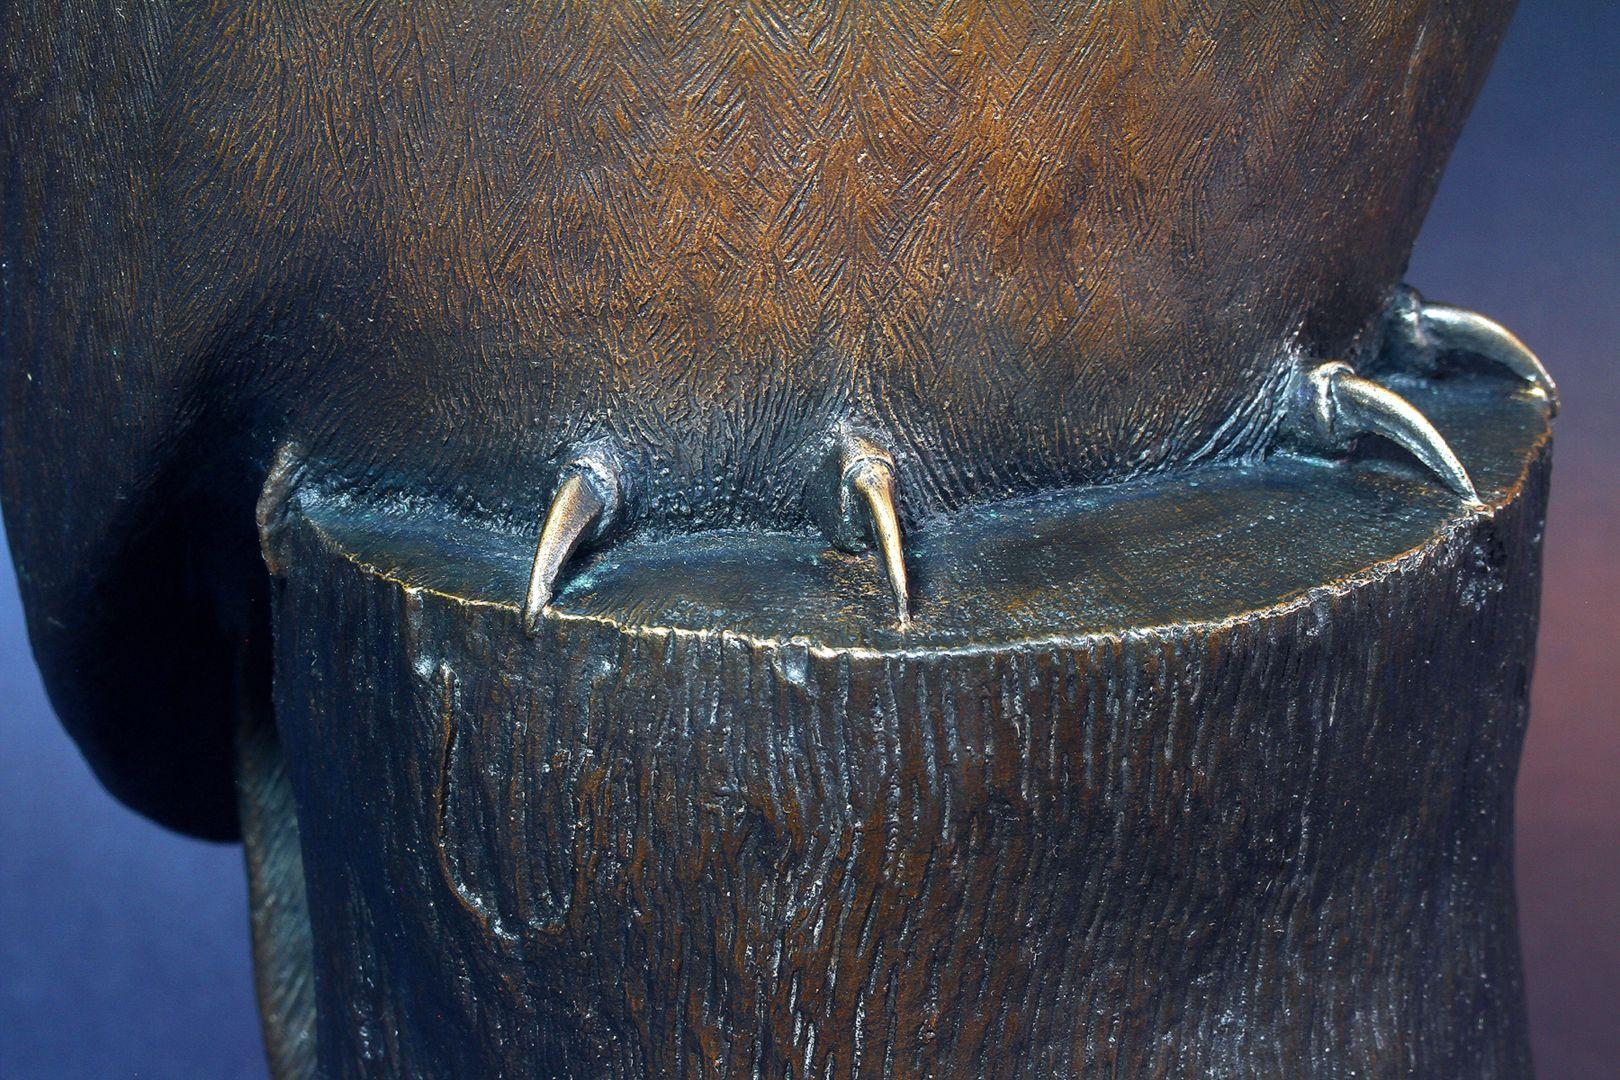 Waldkauz vordere Ansicht, Detail mit Krallen auf dem Baumstamm